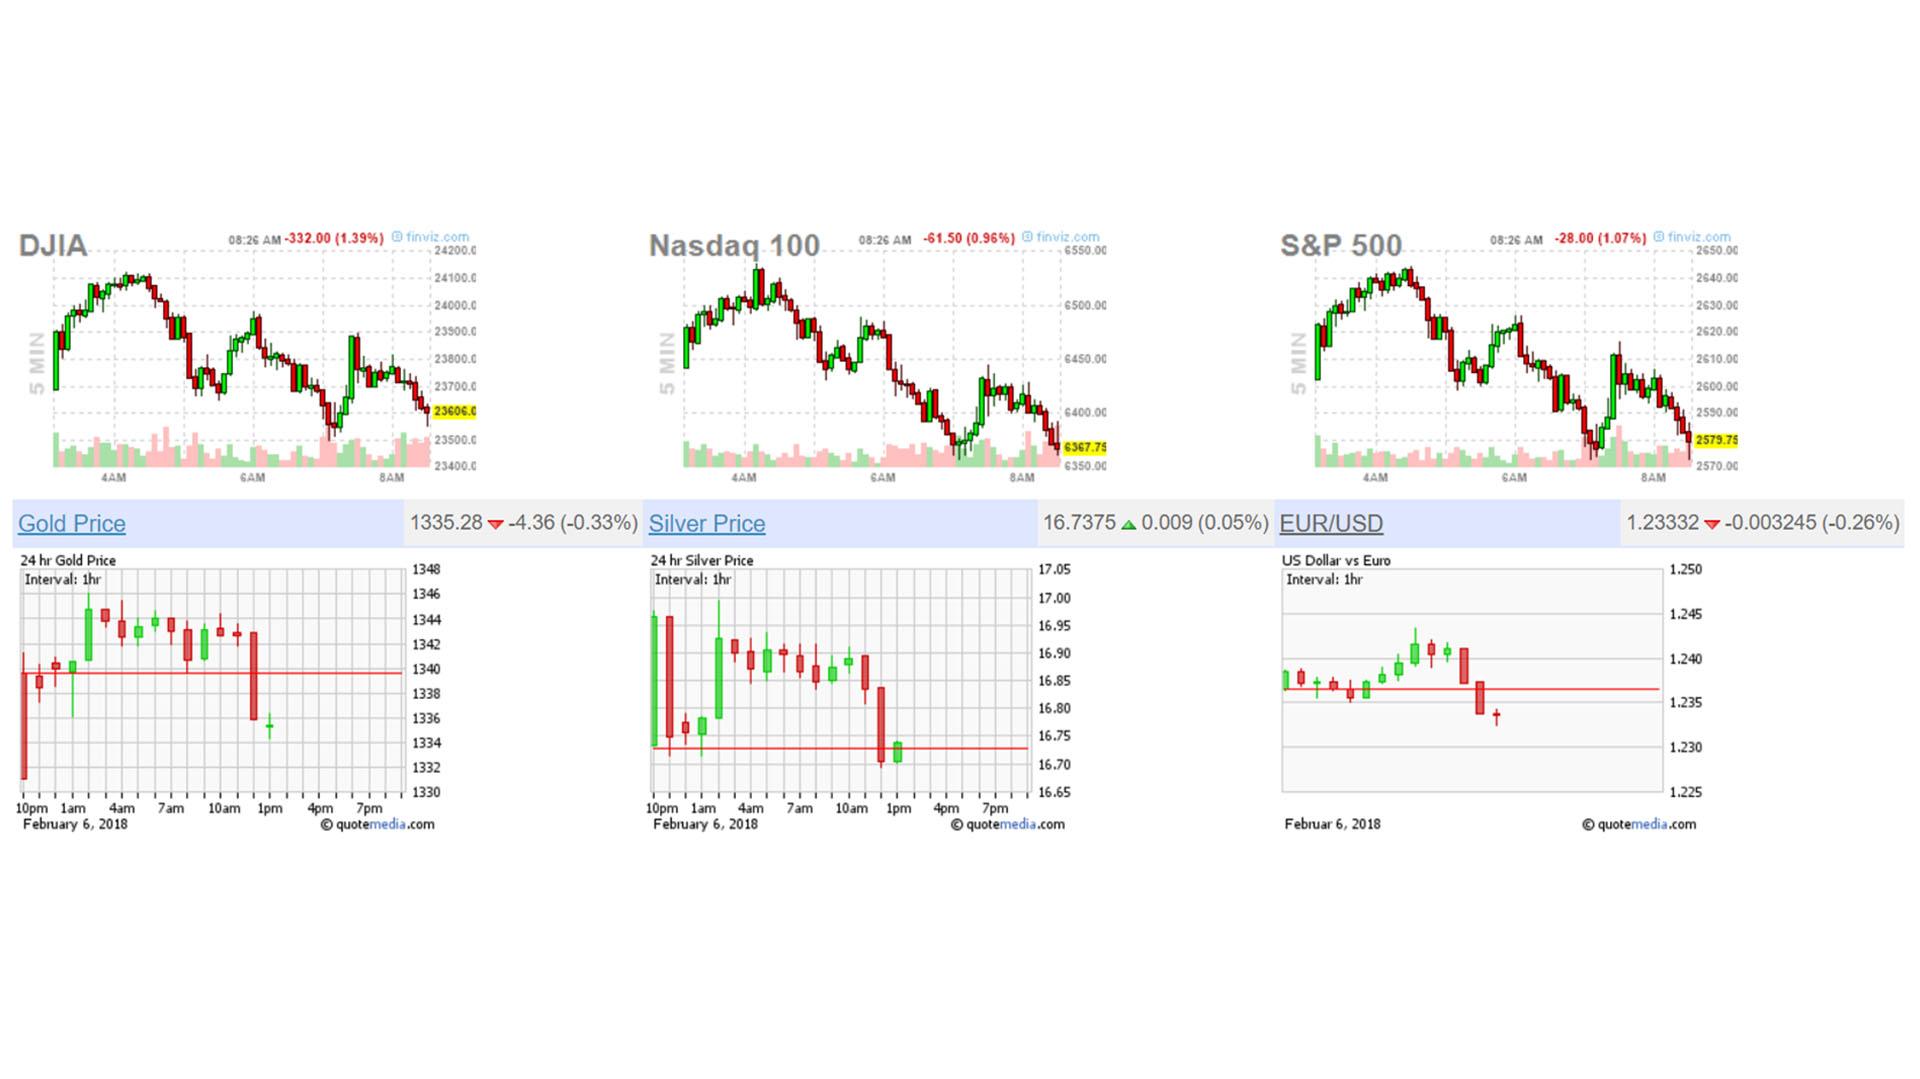 El premercado de Wall Street el martes 6 de febrero de 2018 (Stock Market Watch)